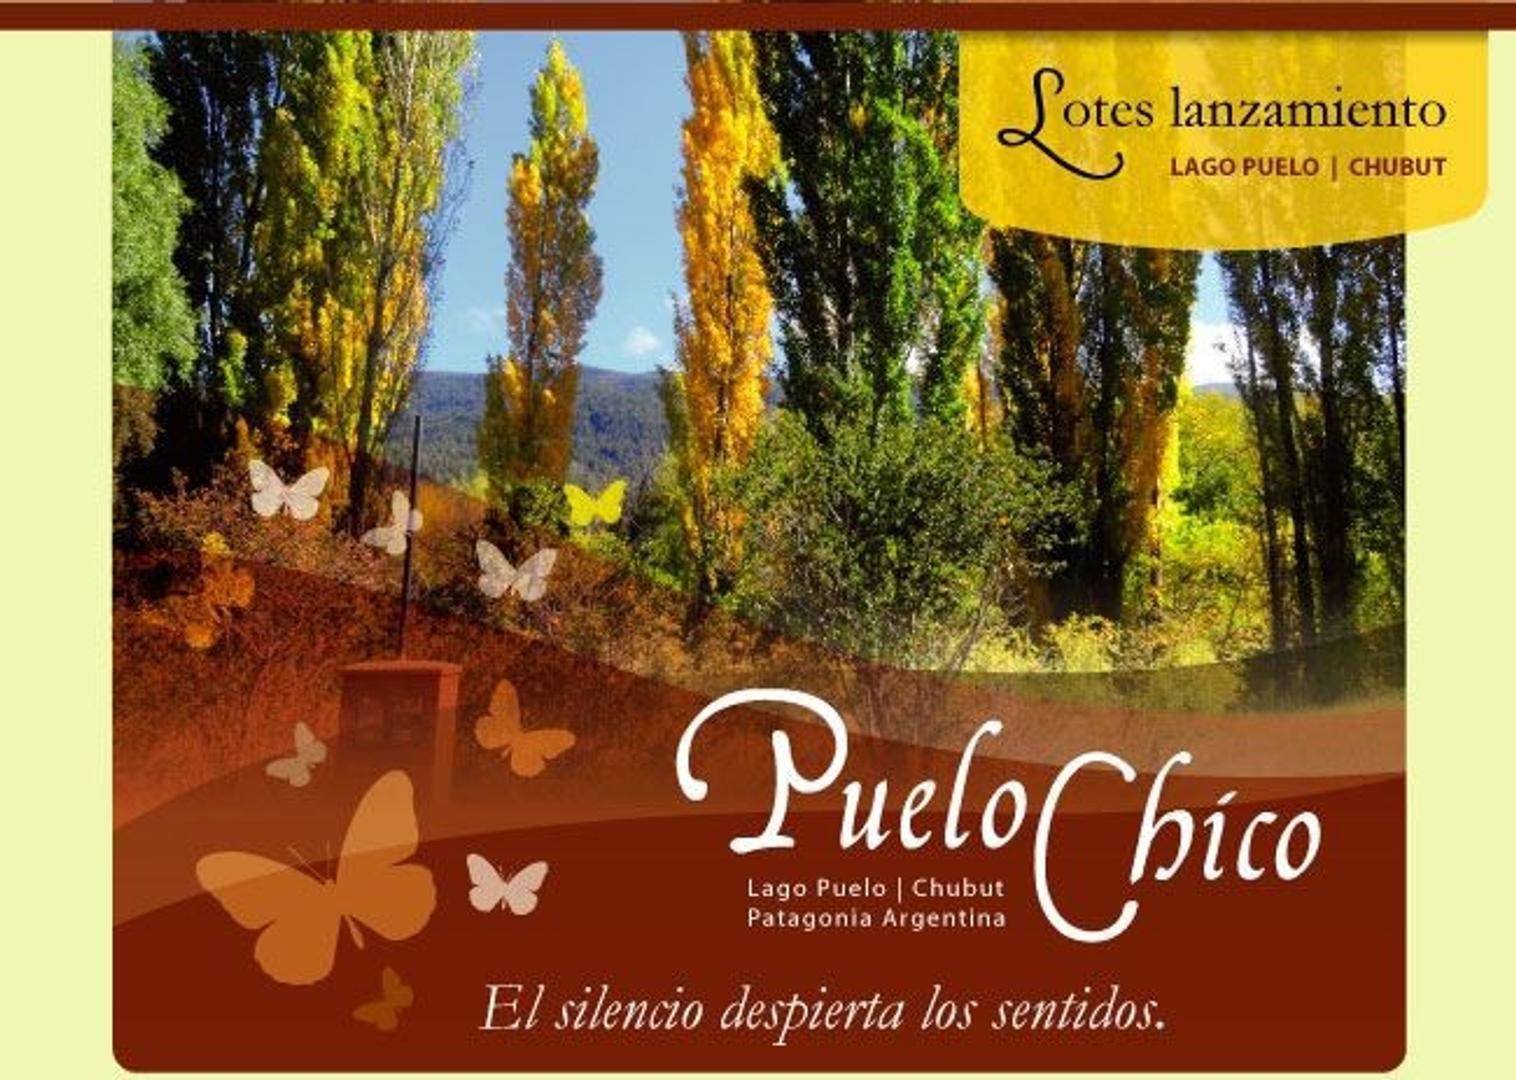 Inversión en Lotes en Puelo Chico - Lago Puelo - Chubut